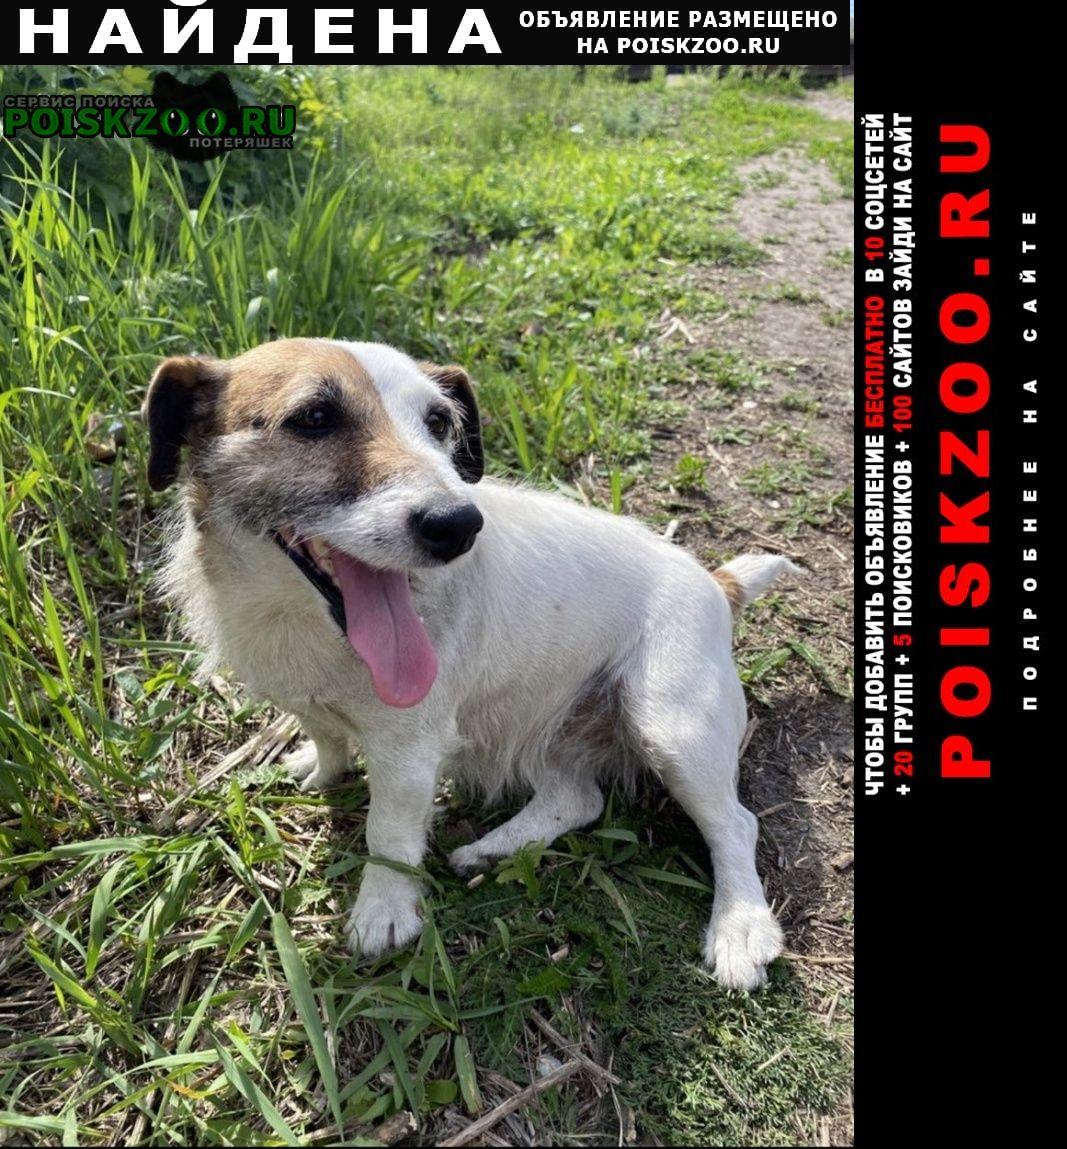 Найдена собака джек рассел терьер, девочка Воронеж